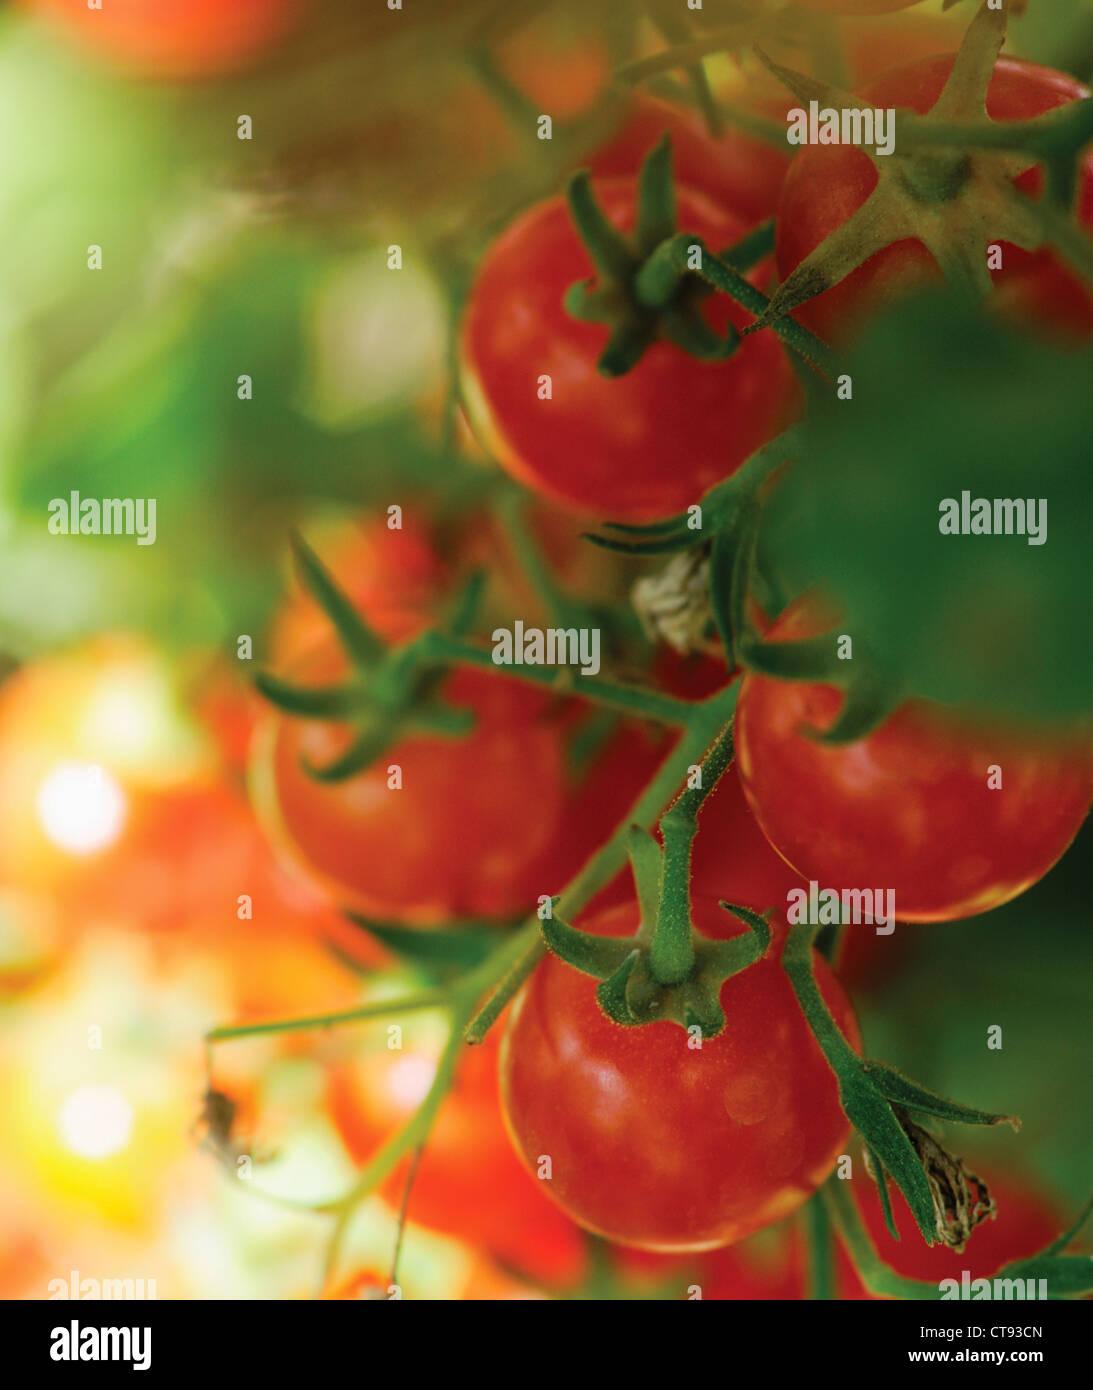 Lycopersicon Esculentum, Tomaten, rote Früchte wachsen an den Rebstöcken. Stockbild